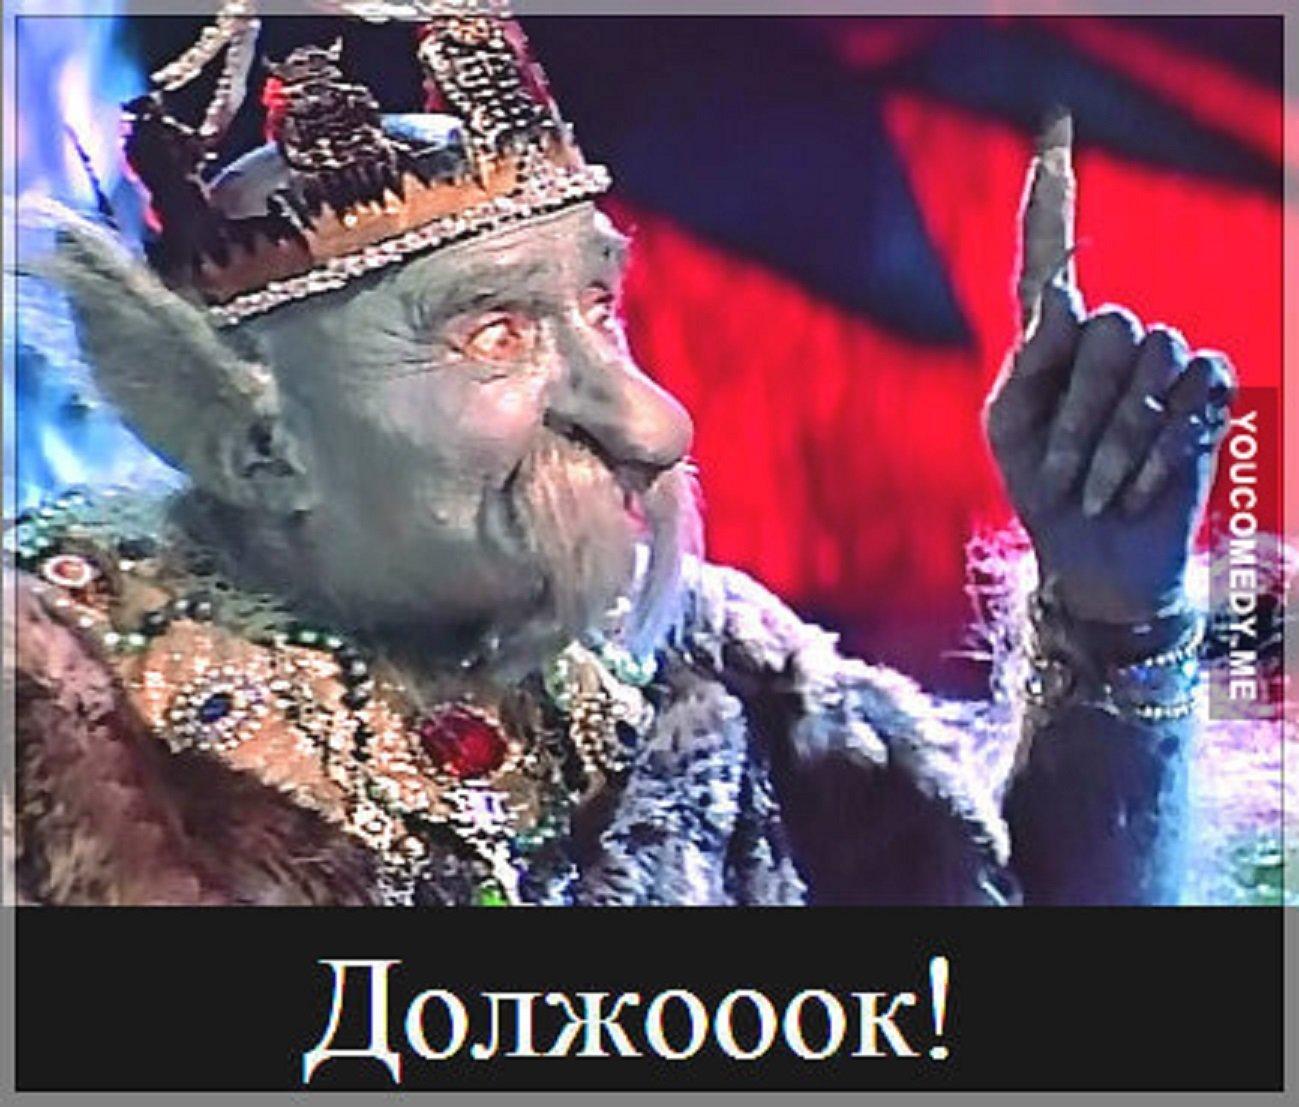 Картинка с надписью должок из сказки, 1971 года поздравление